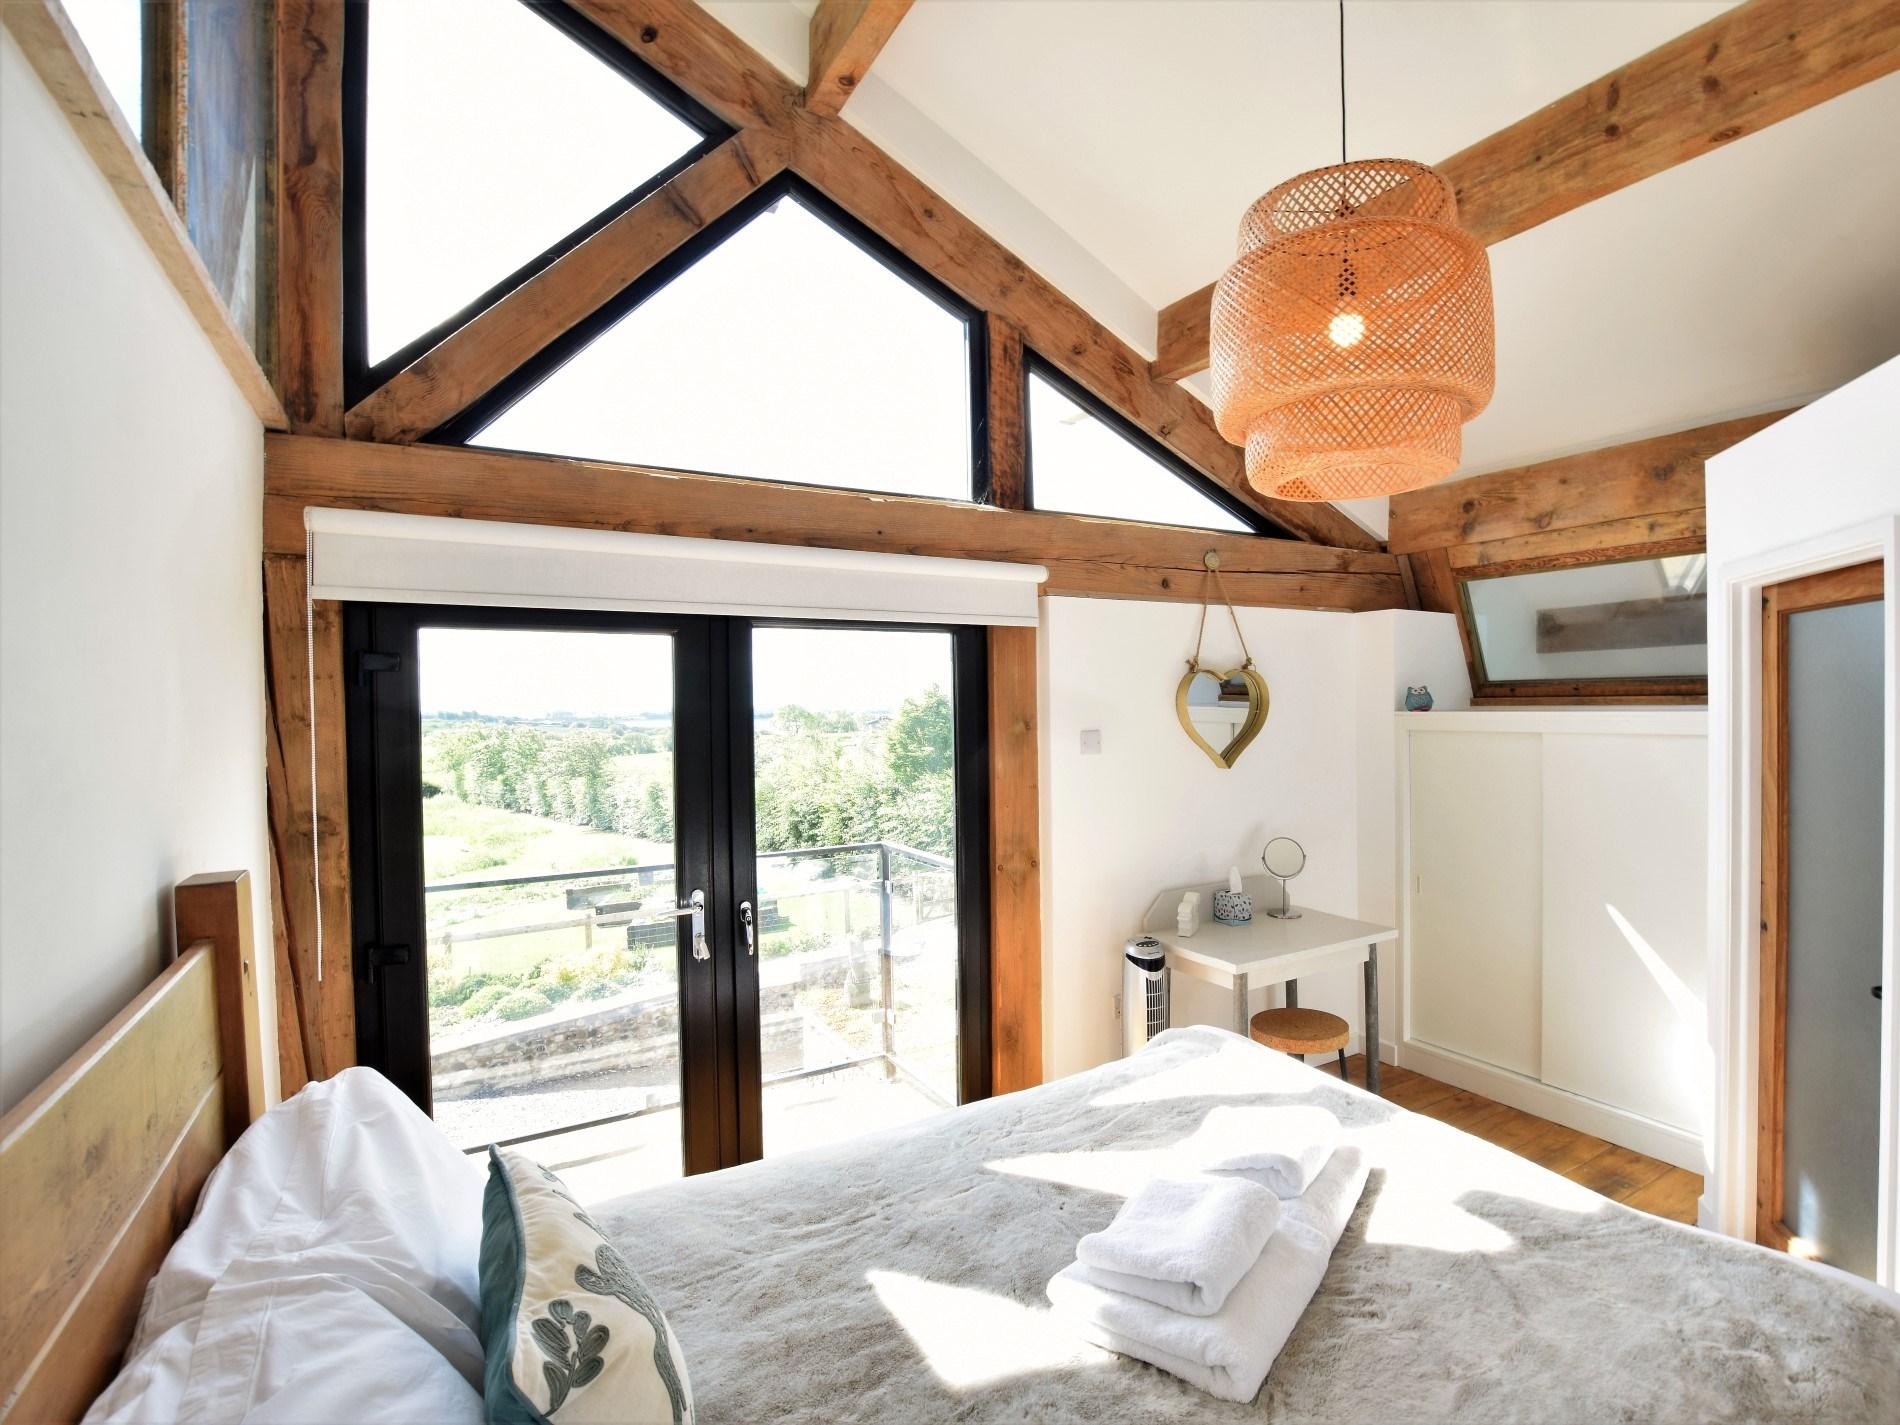 3 Bedroom Cottage in Poulton-le-fylde, Yorkshire Dales